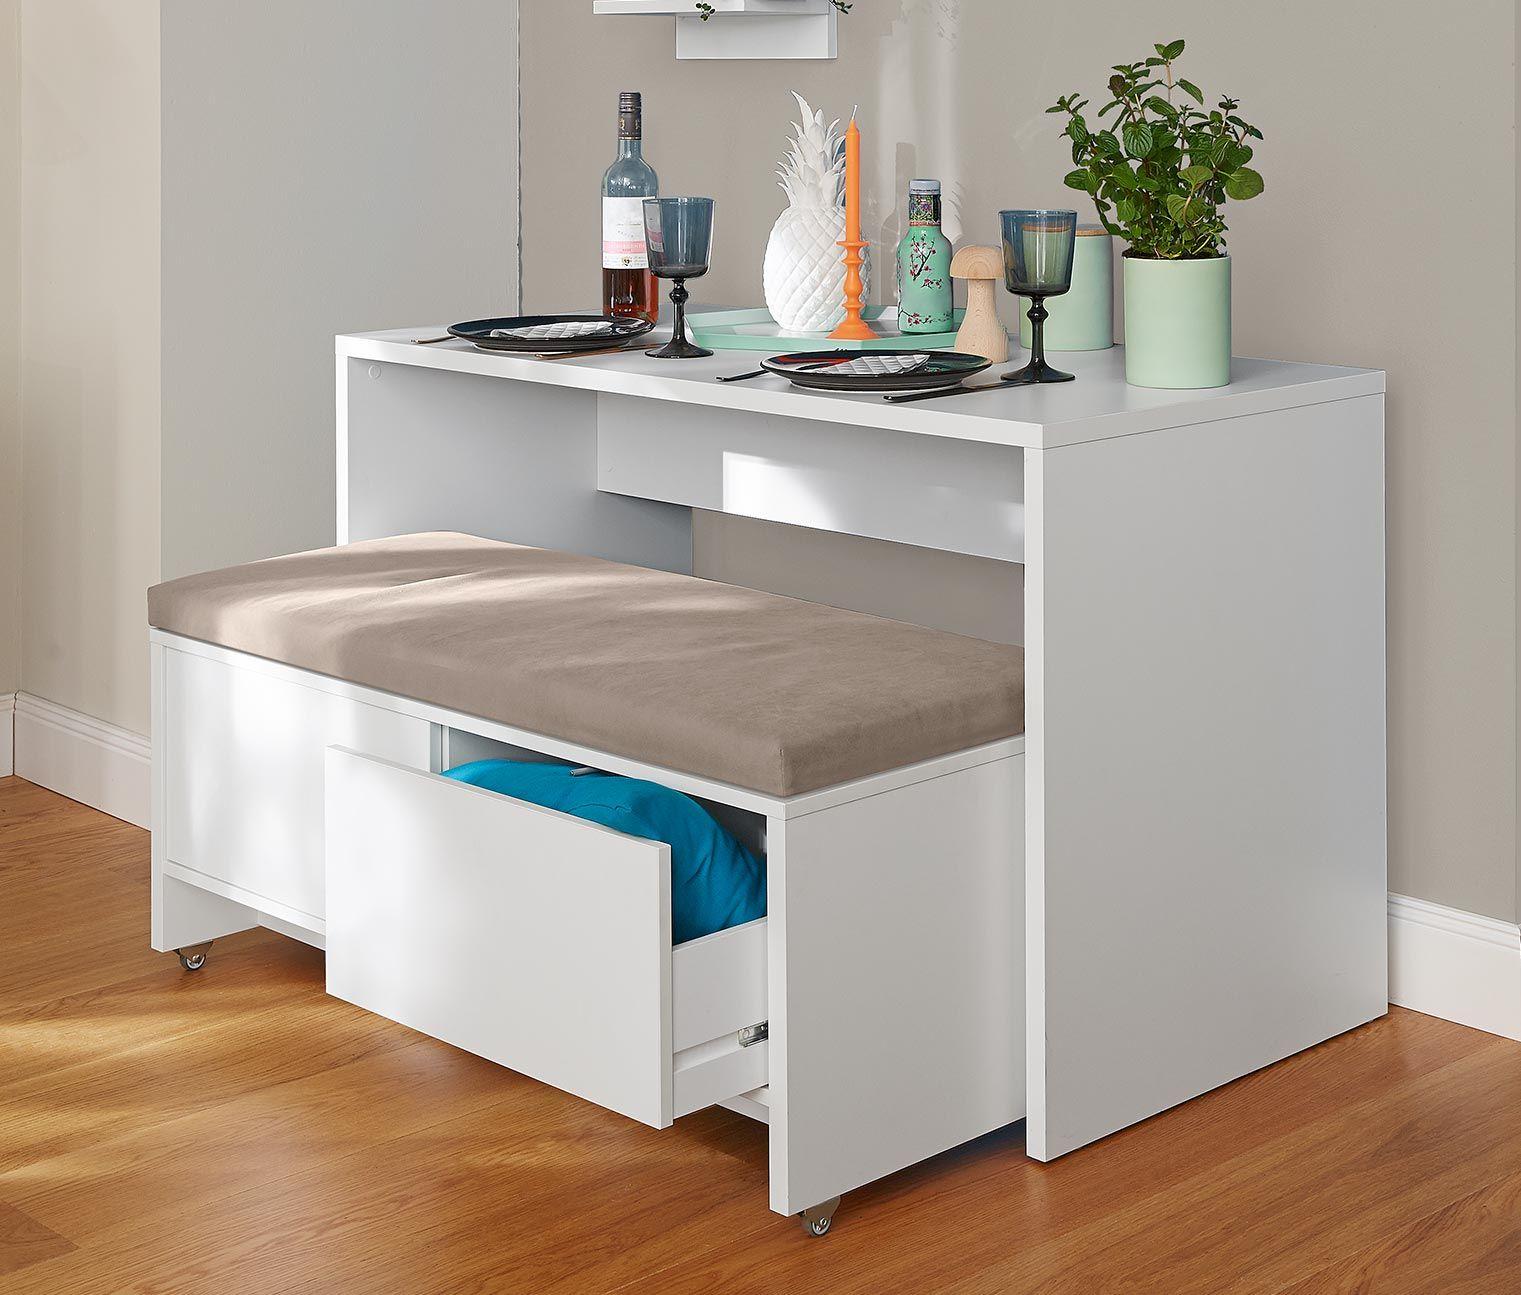 169 00 tisch und bank platzsparend zusammenschiebbar auf kleinem raum entstehen die besten. Black Bedroom Furniture Sets. Home Design Ideas